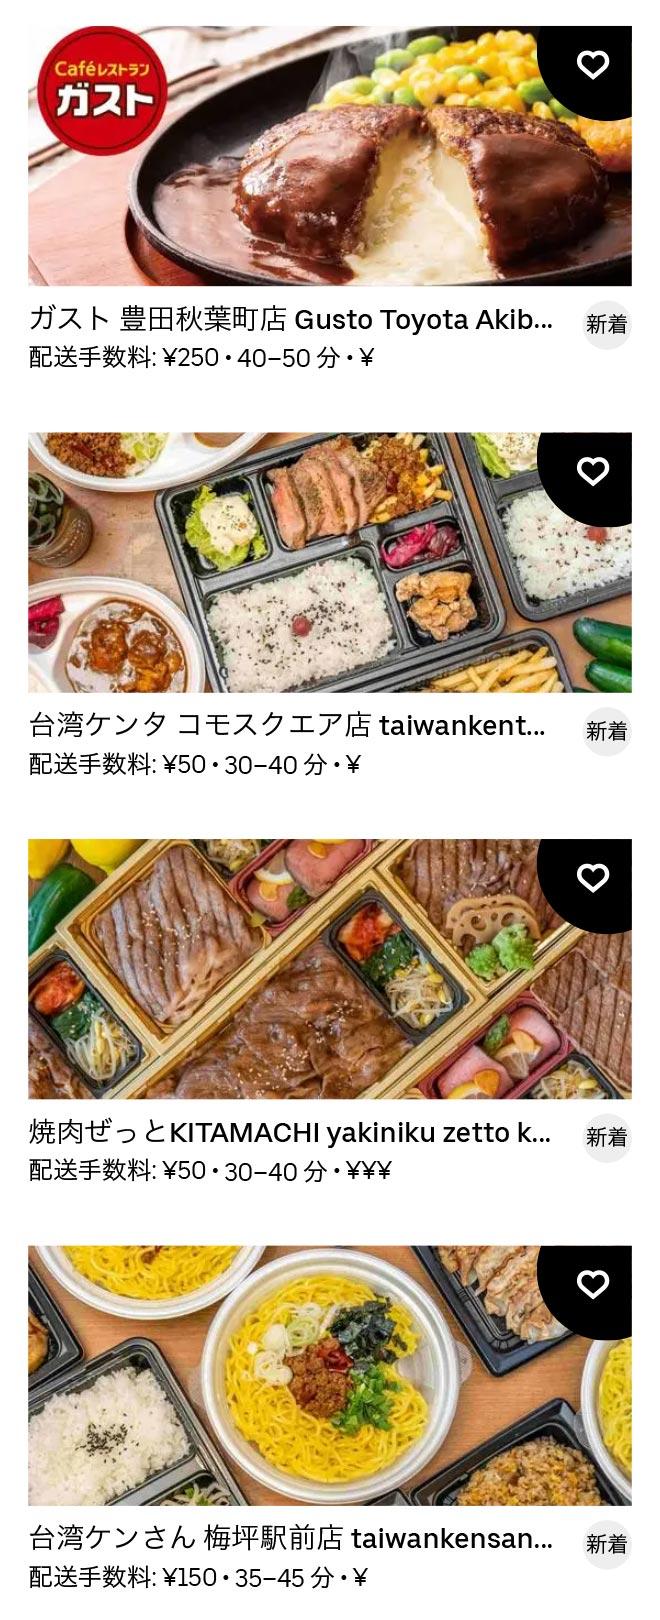 Toyotashi menu 2012 06